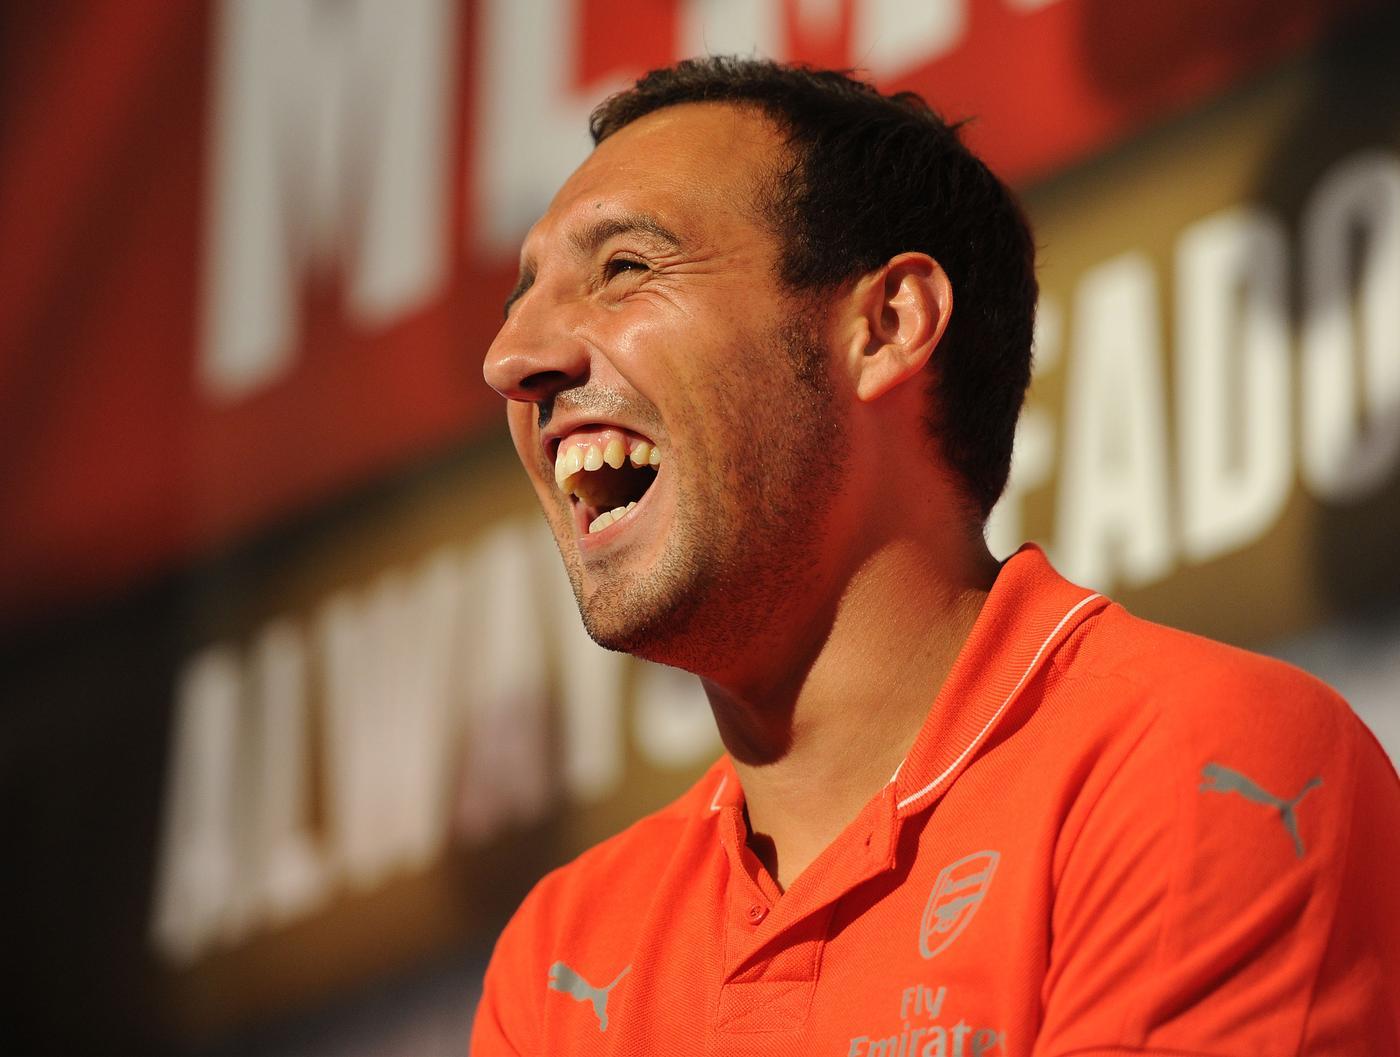 Santi Cazorla nearly joined Tottenham before sealing Arsenal transfer, says Harry Redknapp